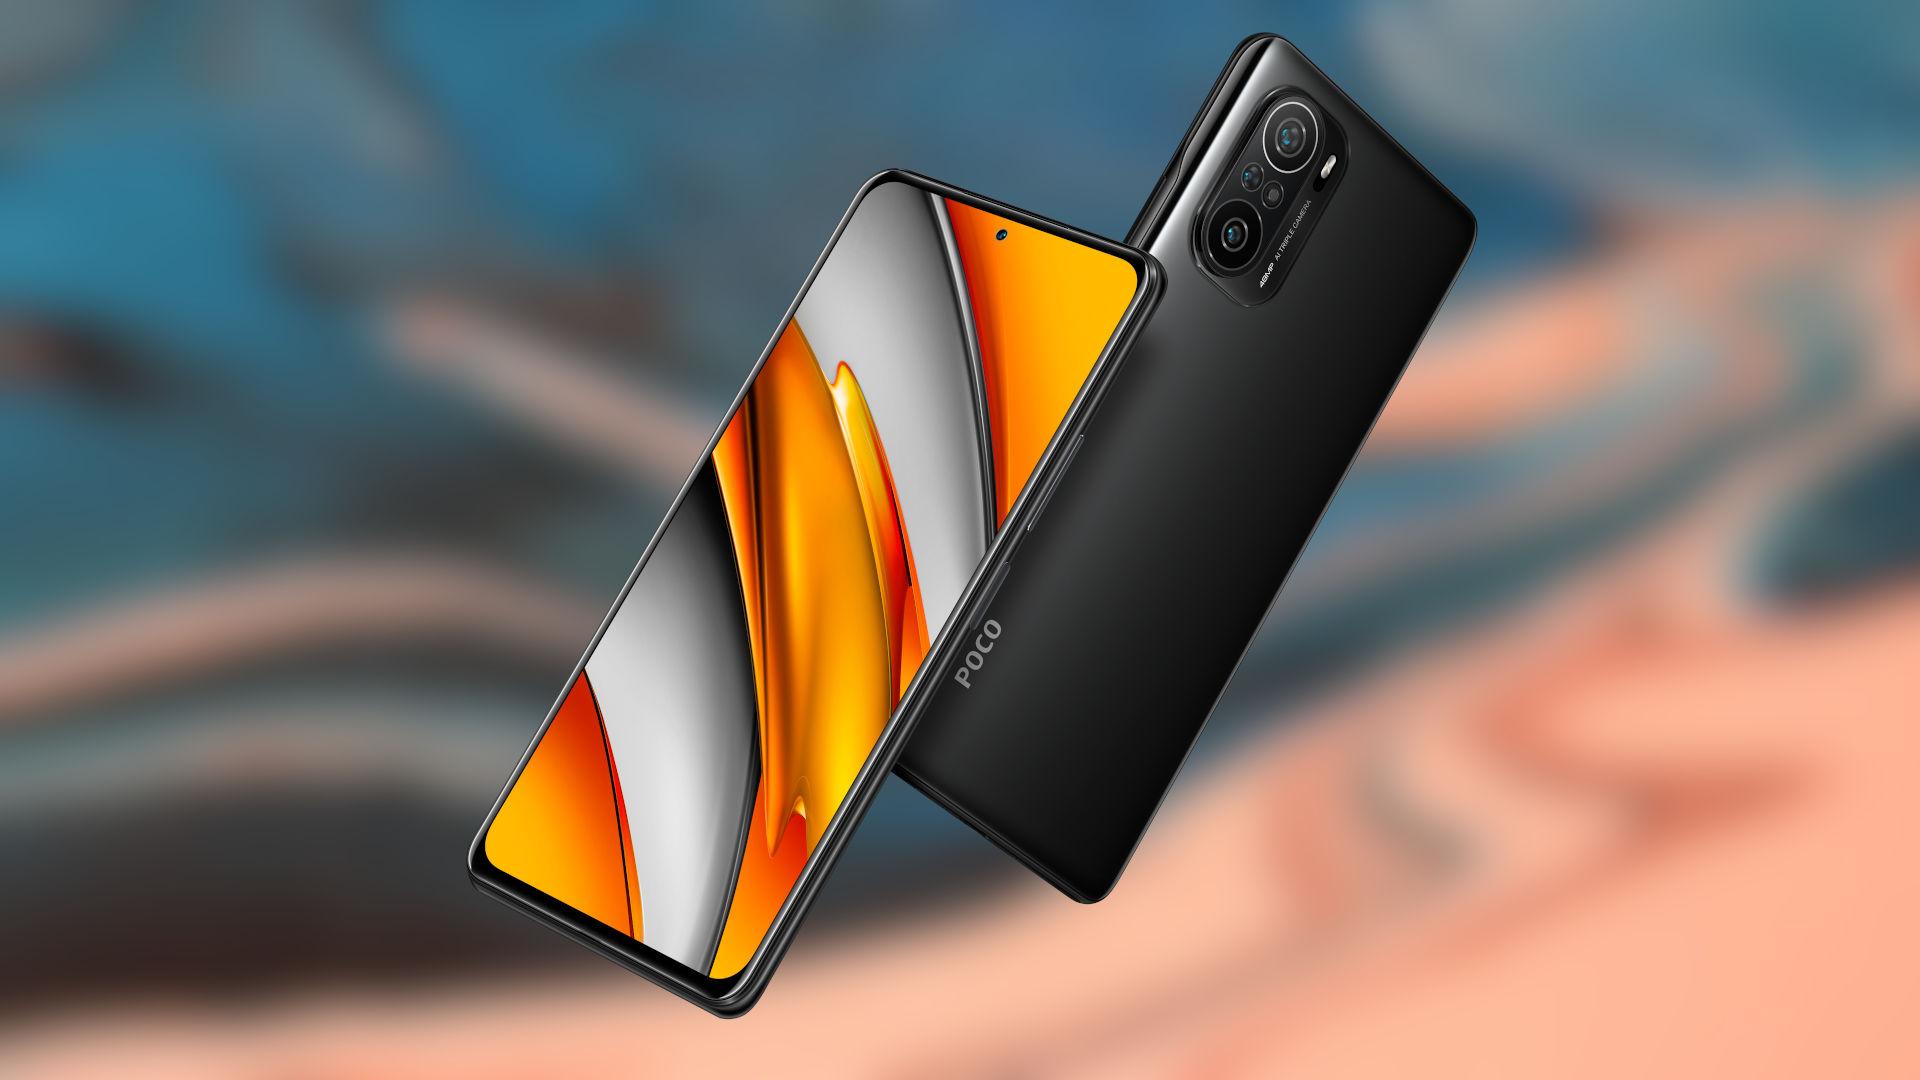 Популярные смартфоны POCO доступны со скидкой на AliExpress